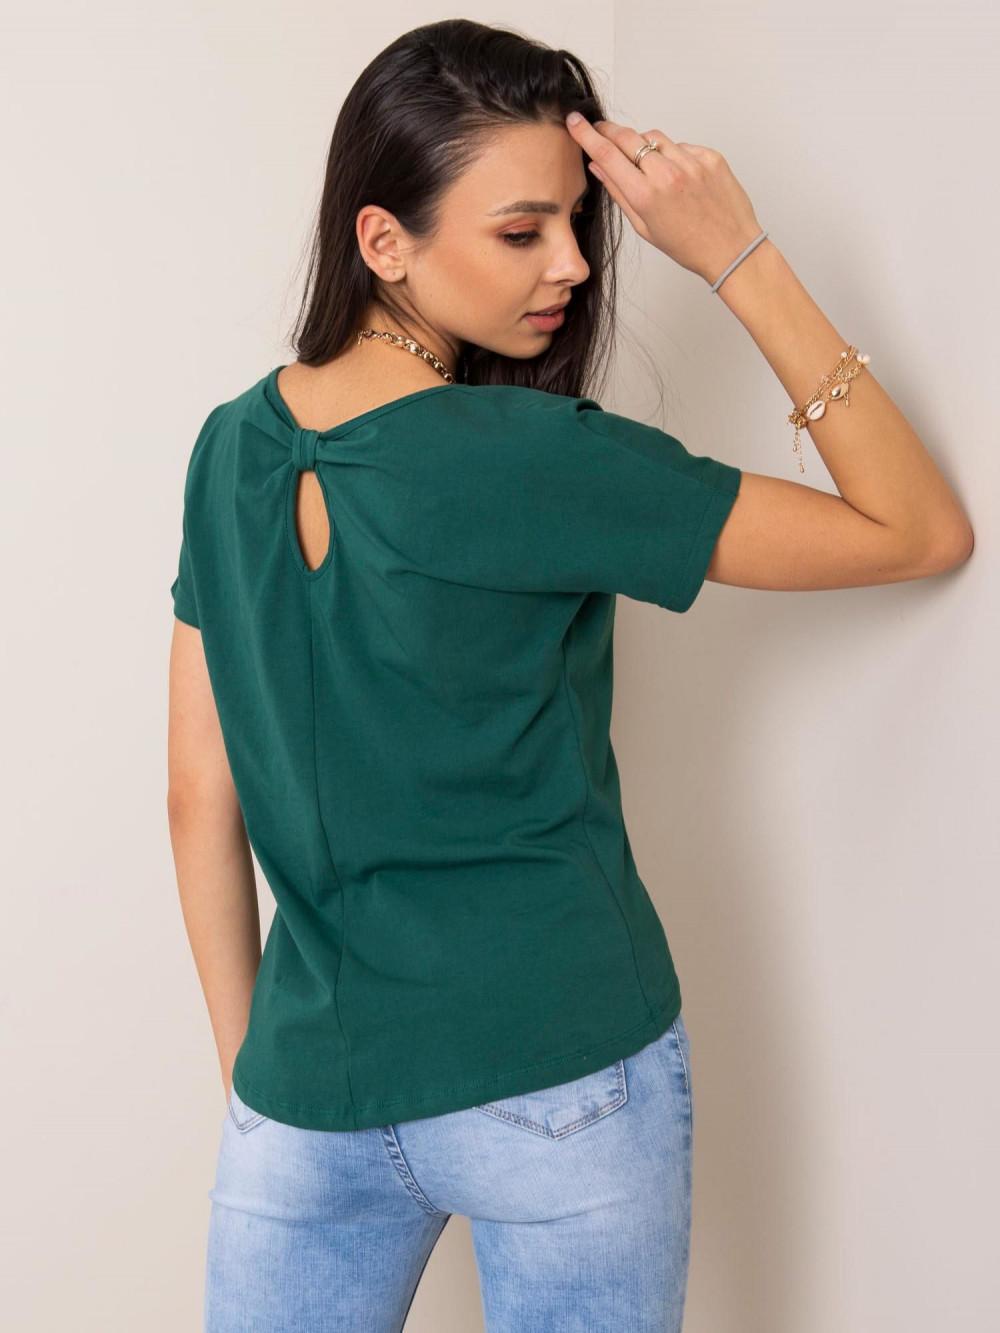 Ciemnozielony t-shirt z wycięciem na plecach Sofie 2